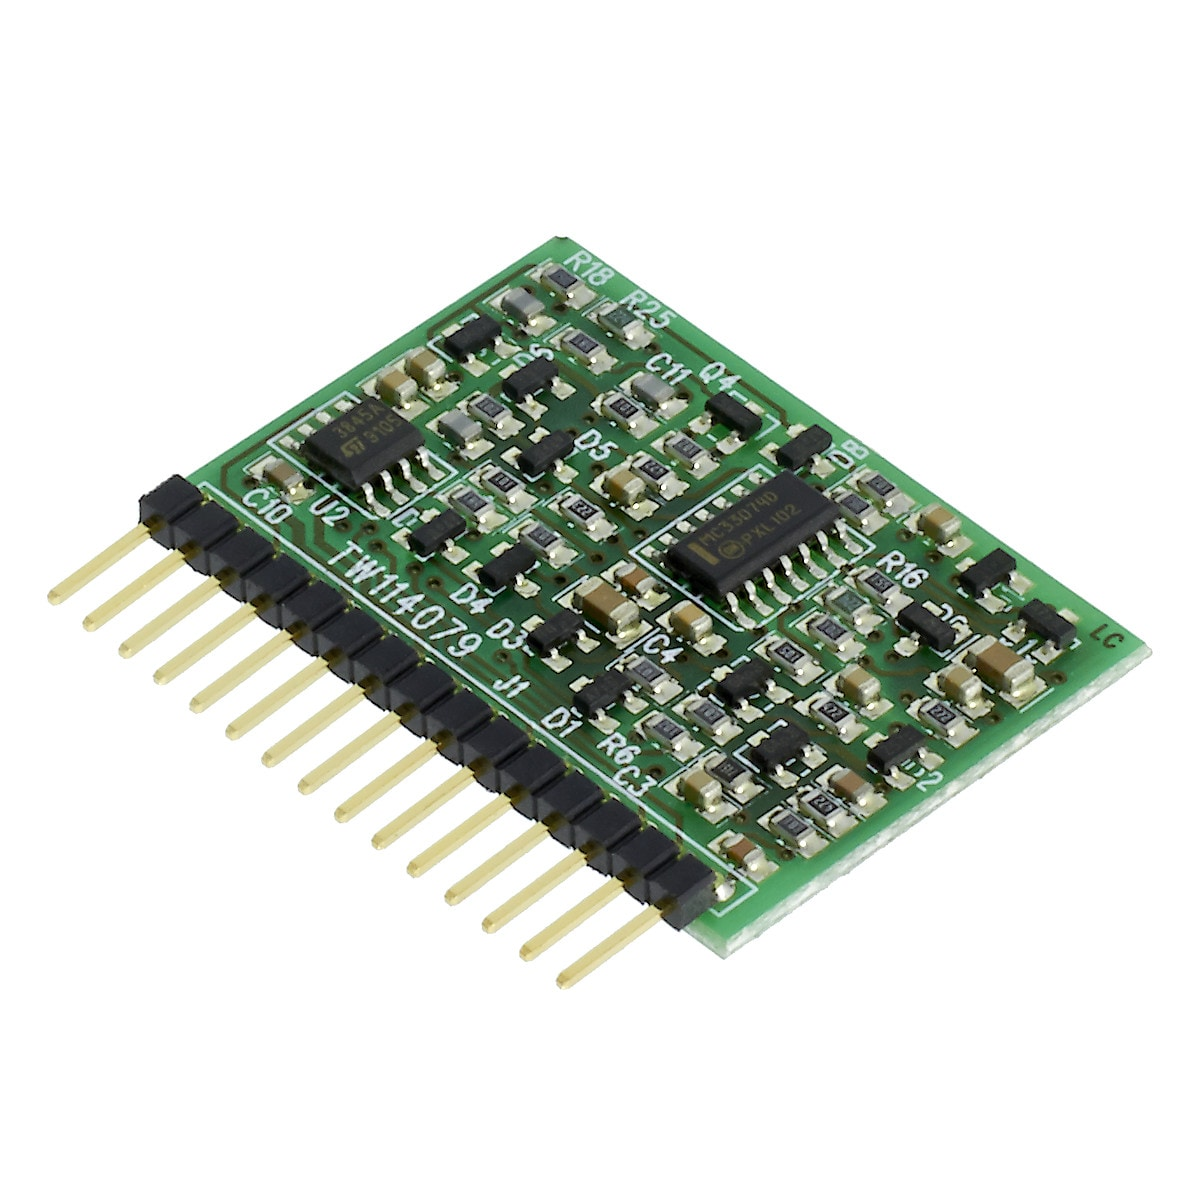 Control PCB Telwin